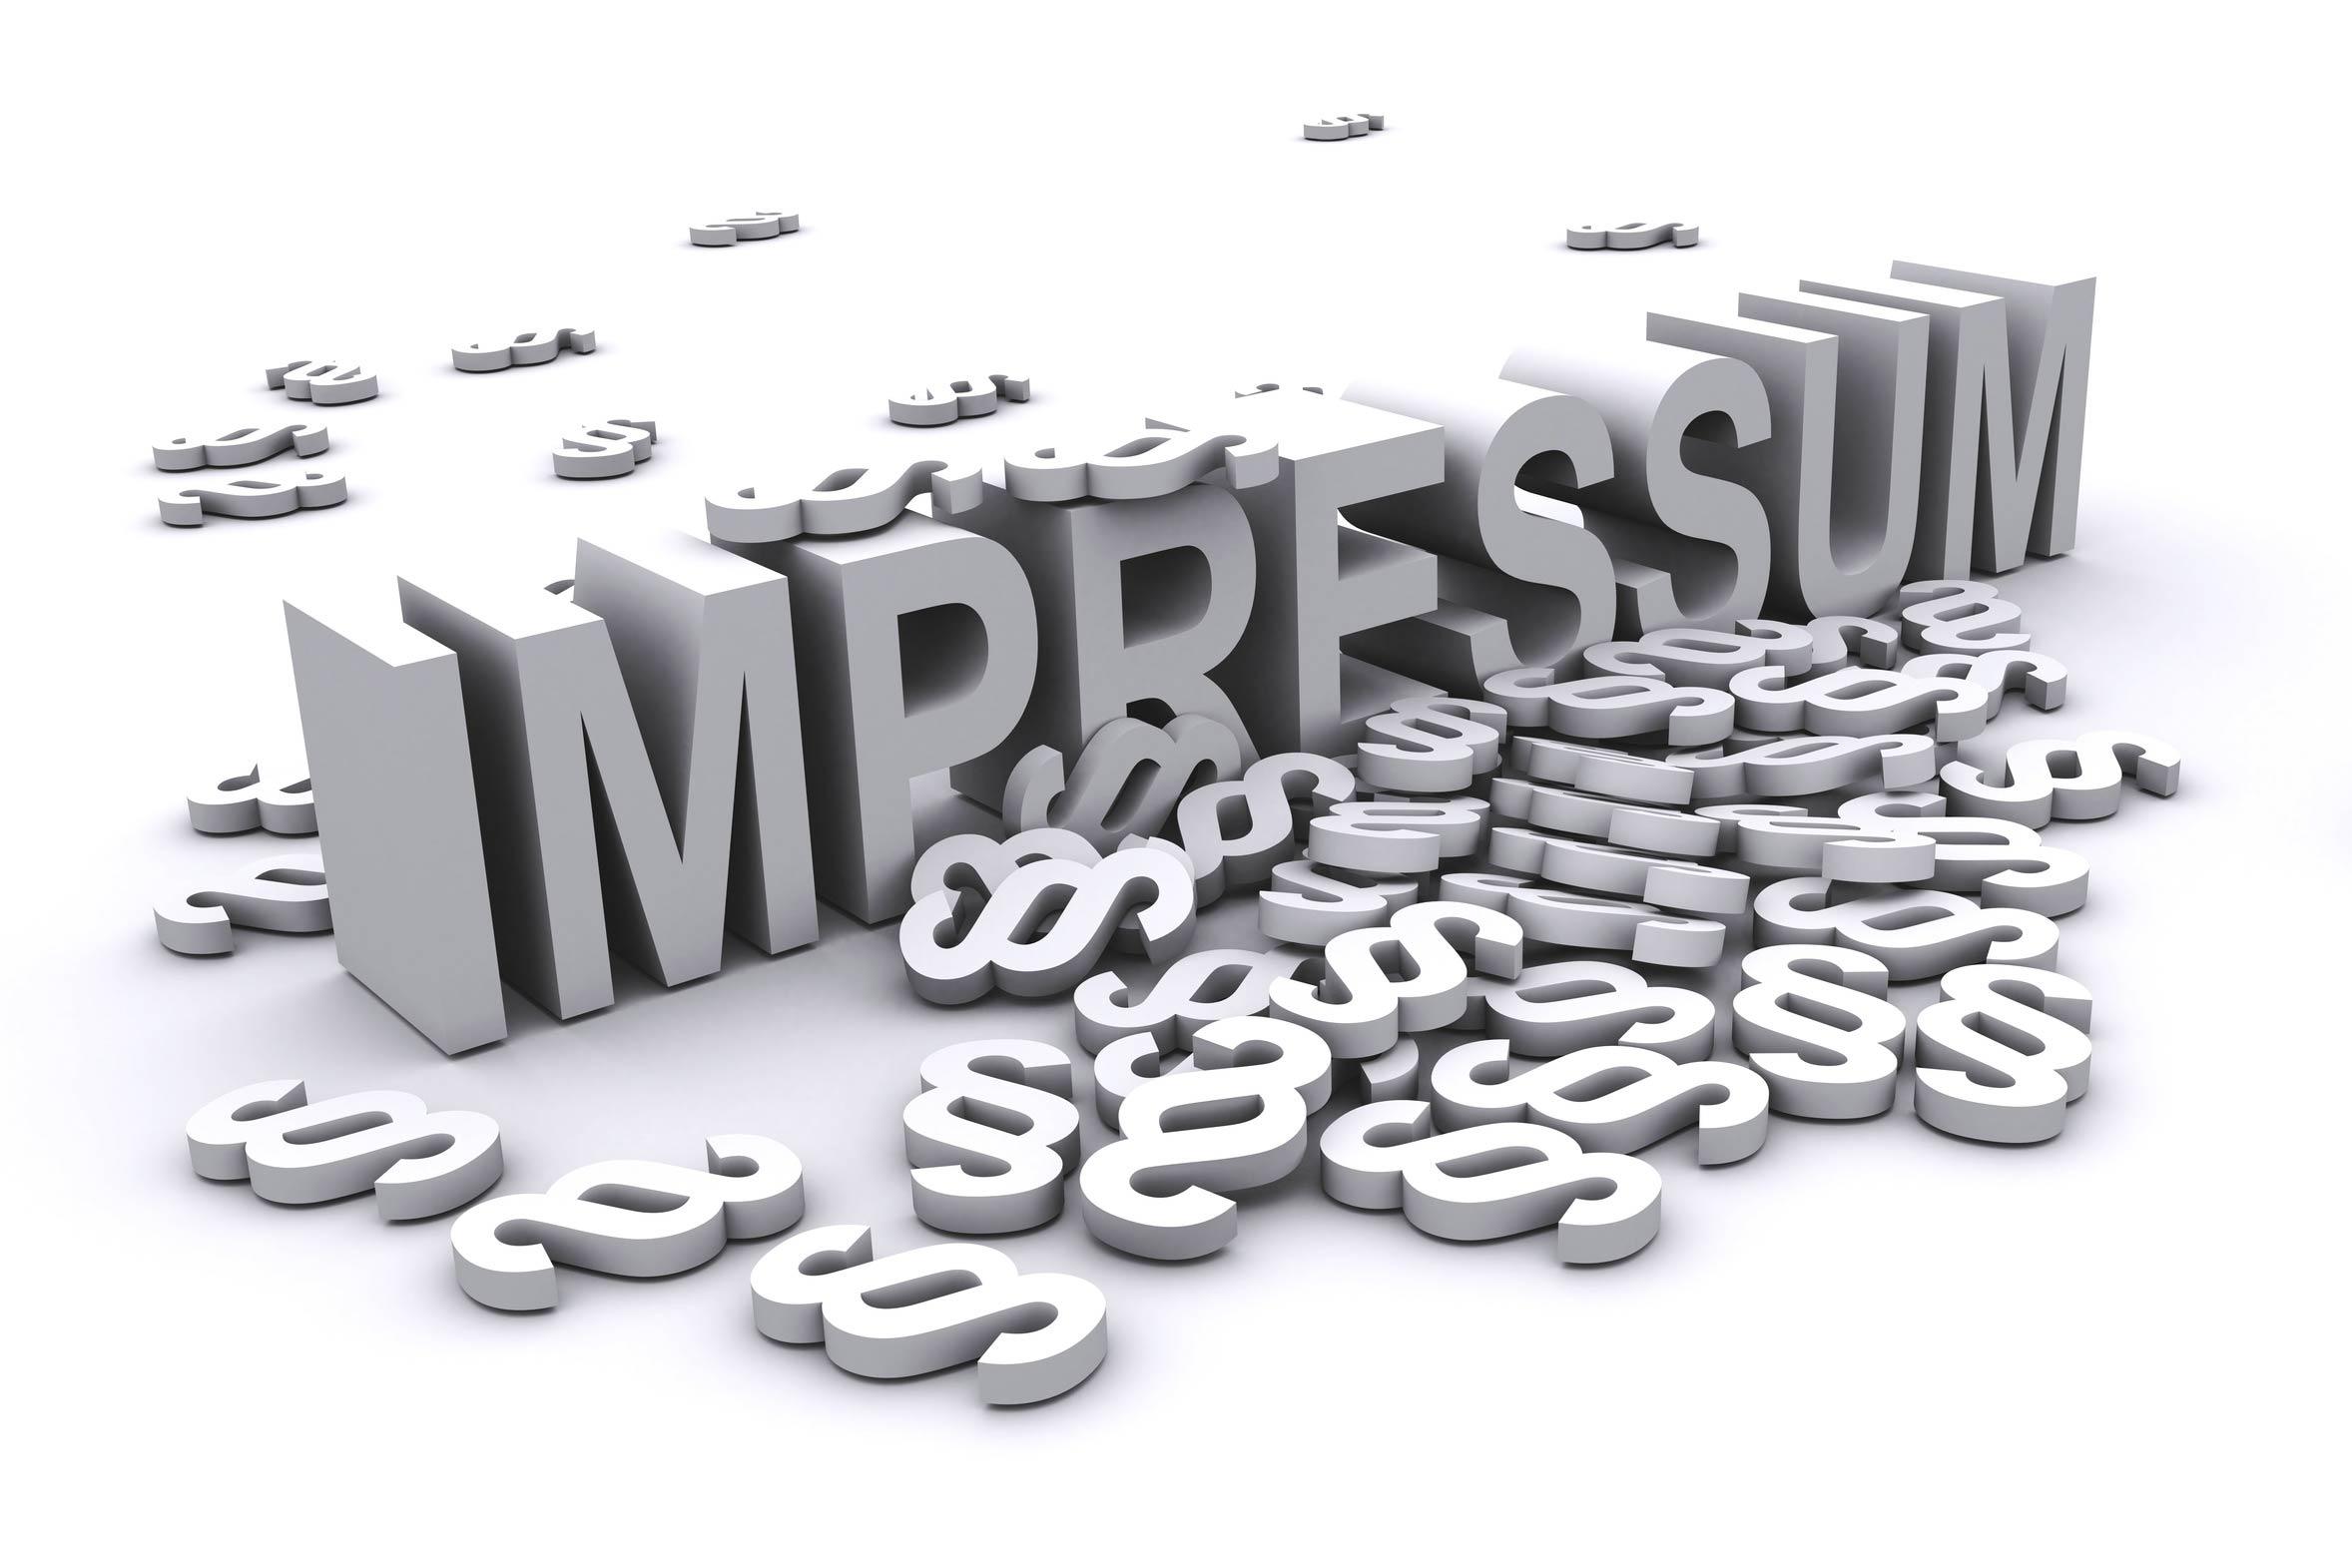 Impressum facebook page, What is an impressum? Facebook impressum? Impressum facebook page Example